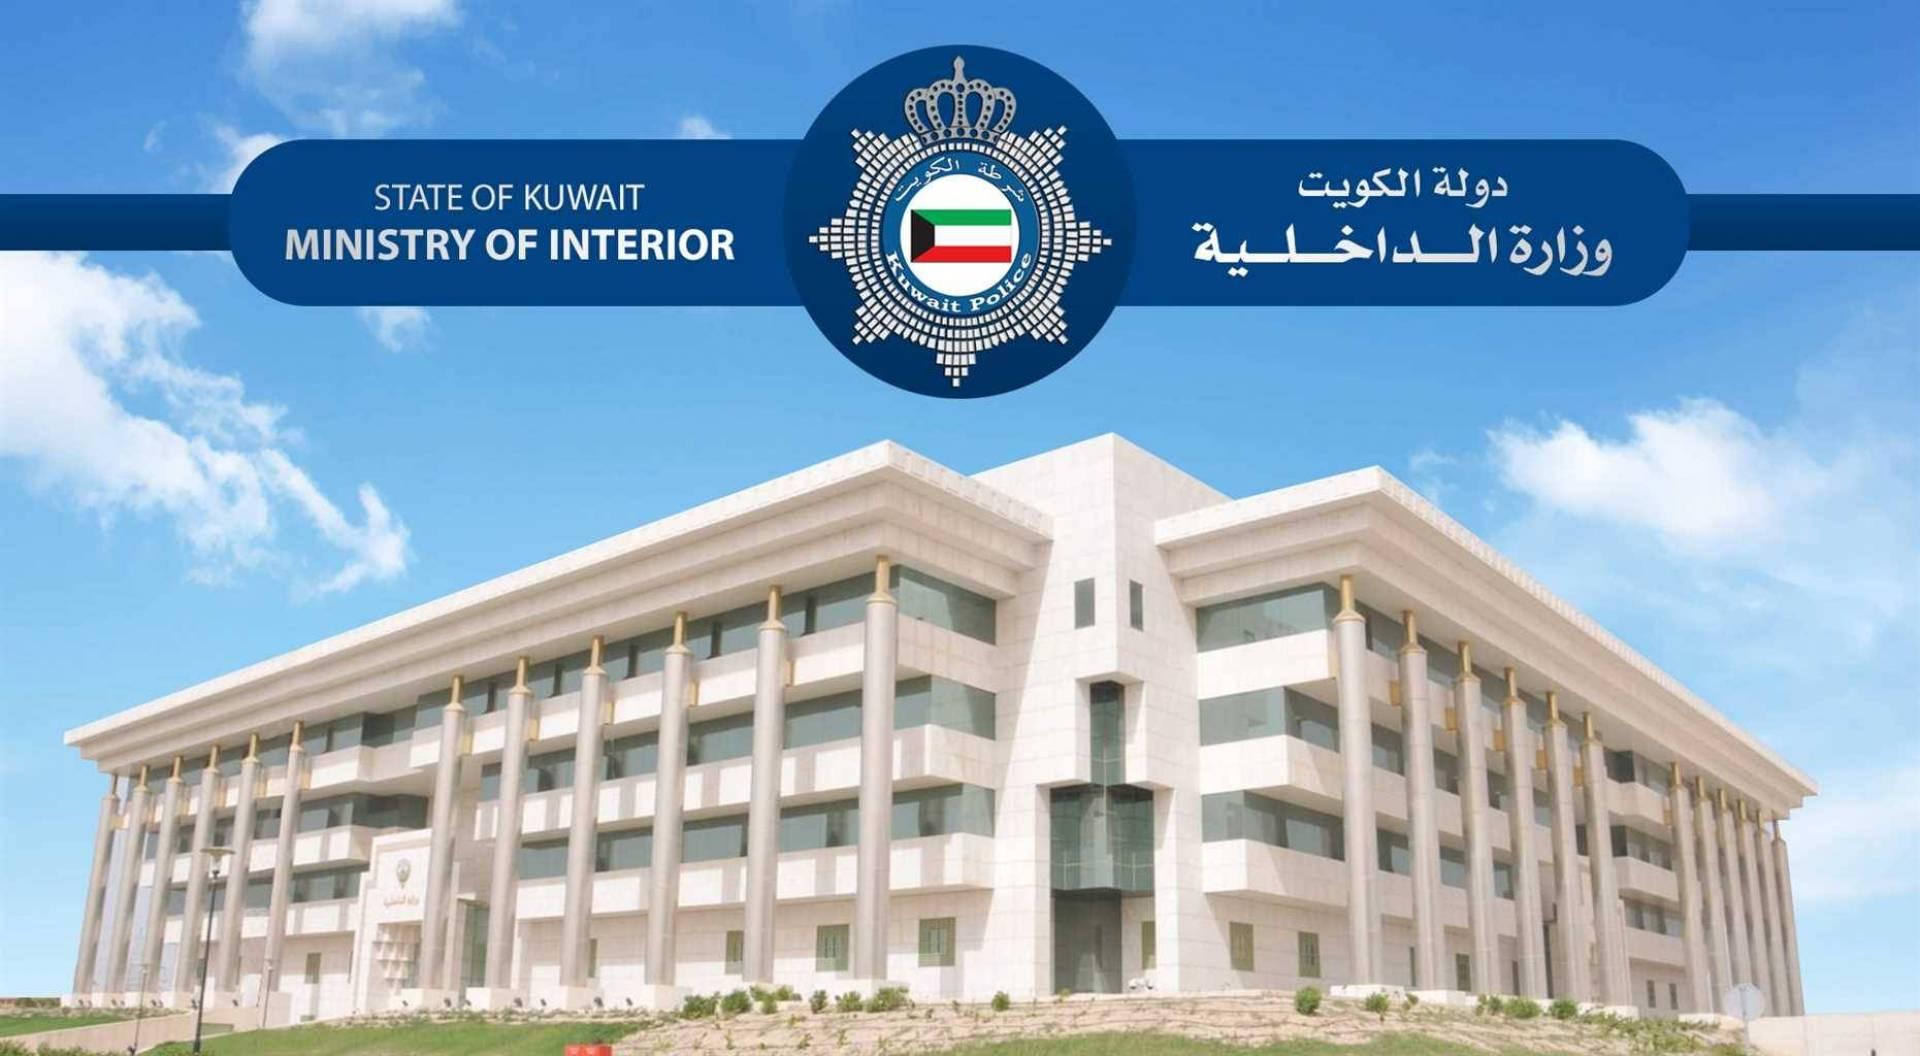 «الداخلية»: رصد 9 مواقع للانتخابات الفرعية خالفت القانون